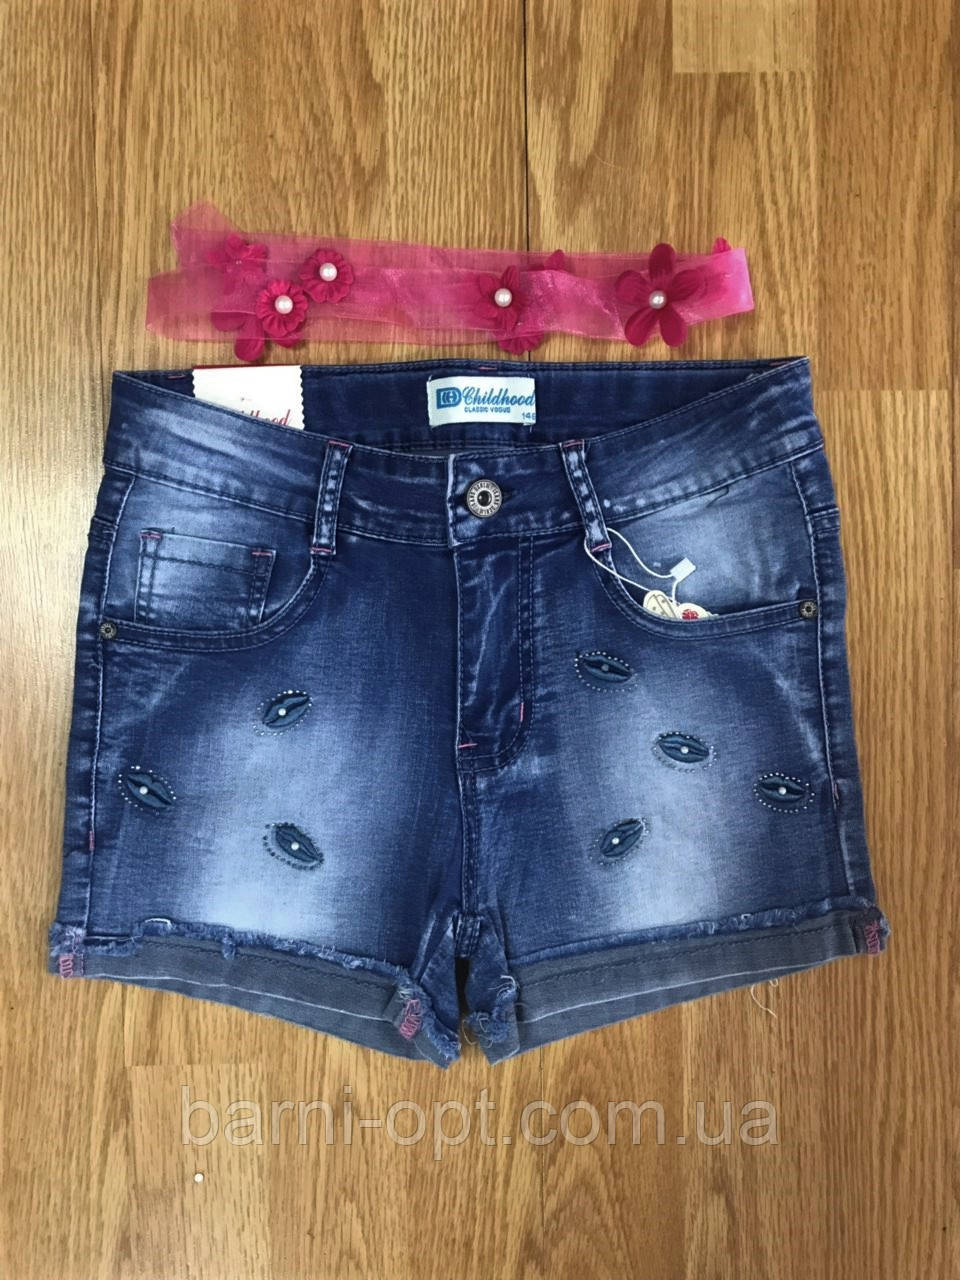 Шорти джинсові на дівчинку оптом, Childhood 134-164 рр